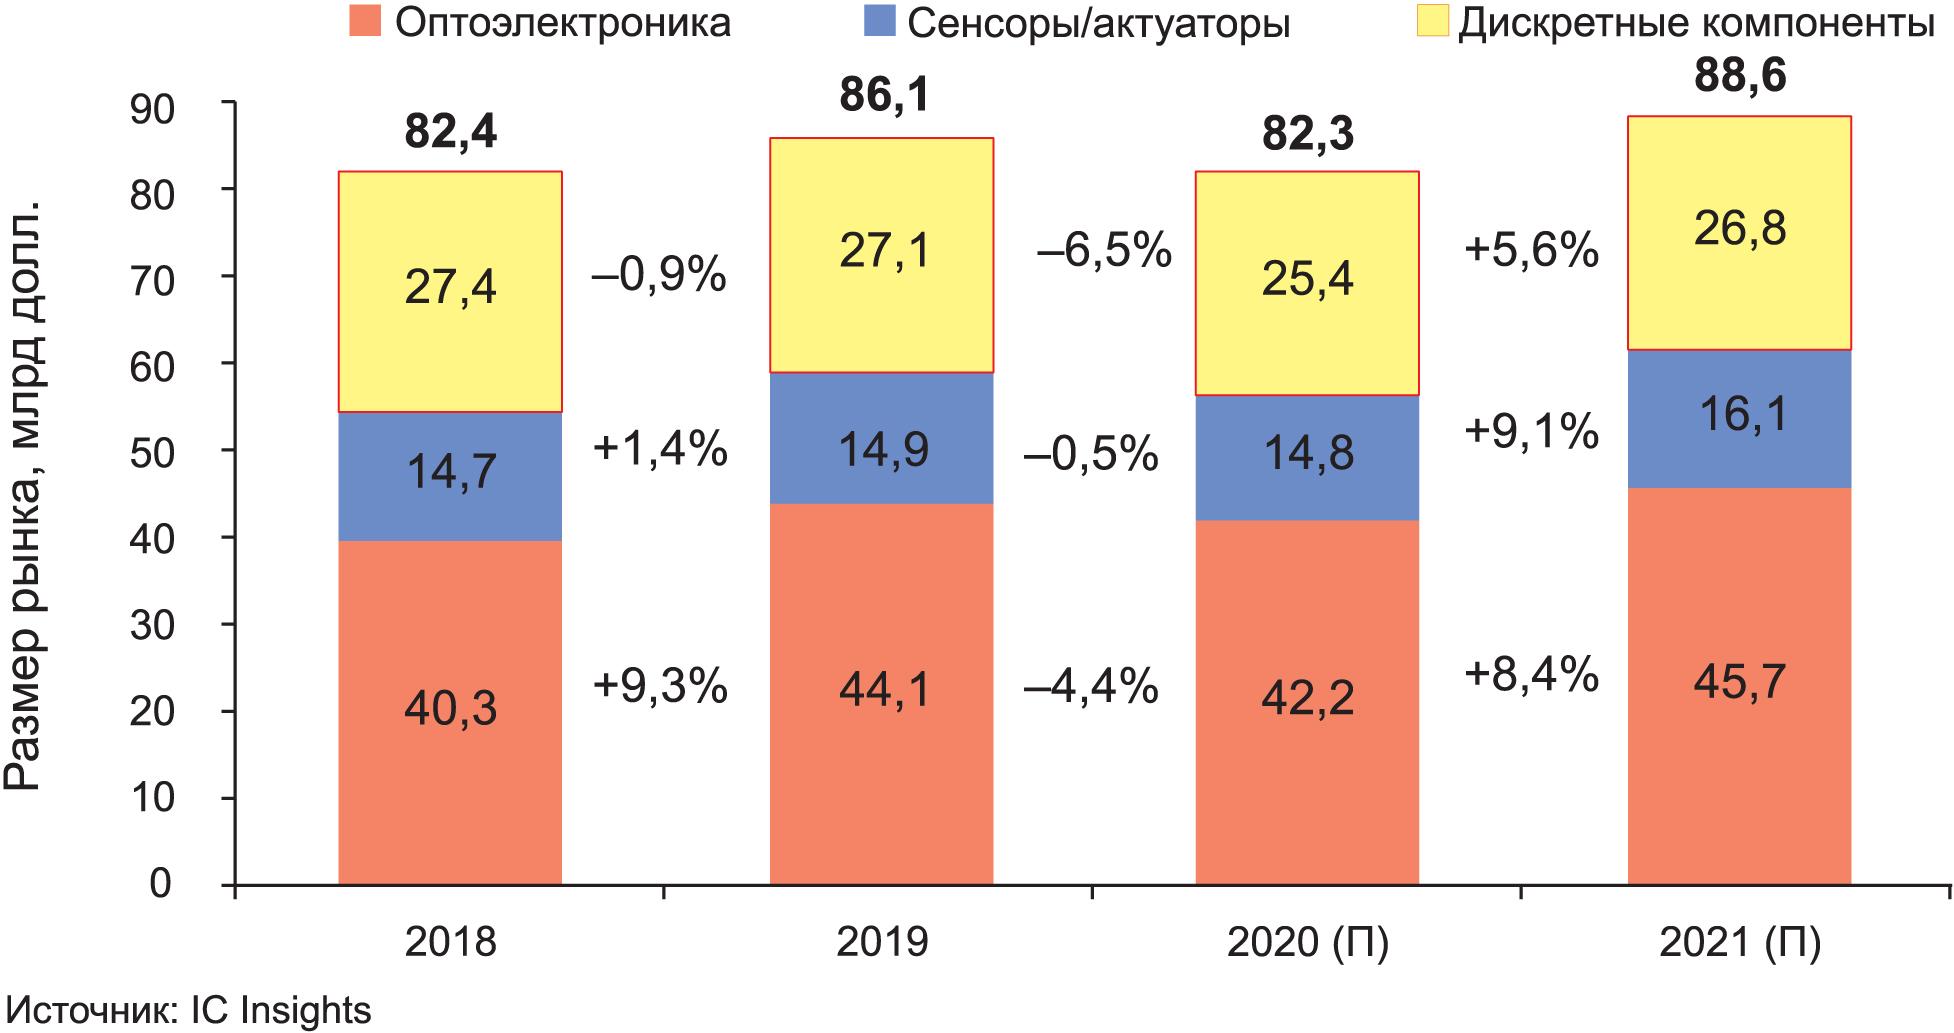 Прогноз мирового рынка продаж в секторах оптоэлектроники, датчиков, дискретных полупроводников в 2020–2021 гг. от компании IC Insights